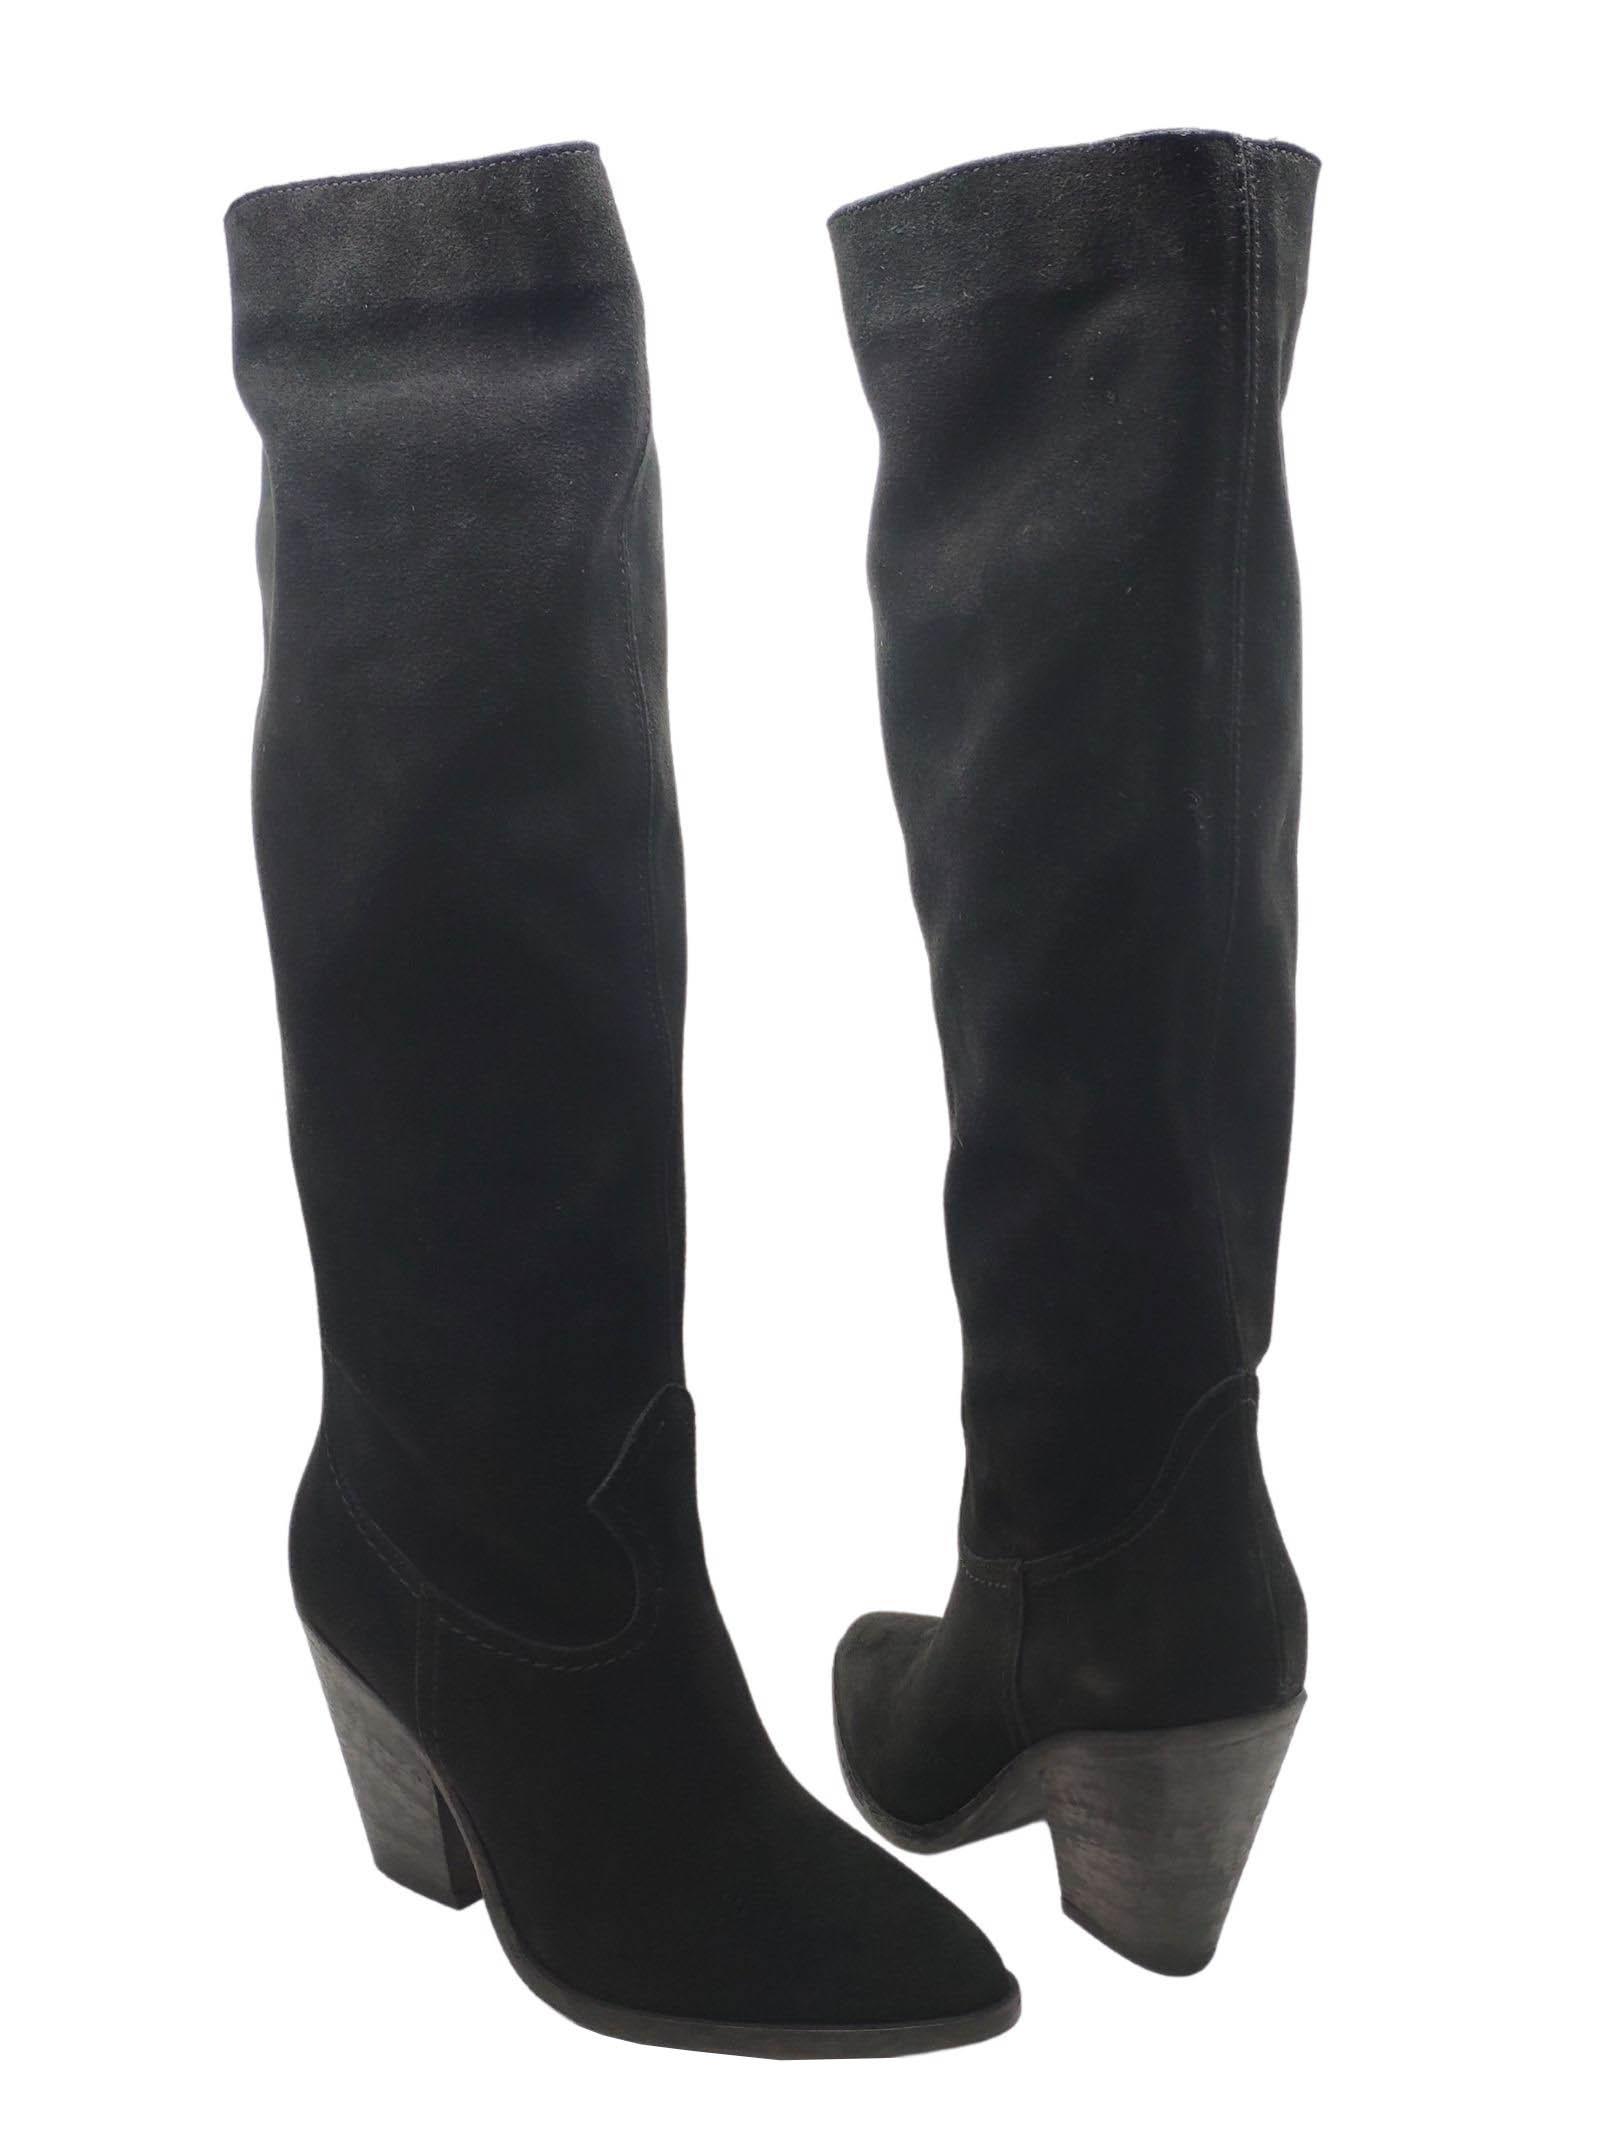 Calzature Donna Stivali Texani In Pelle Scamosciata Nera Con Tacco Alto Spatarella | Stivali | P210NERO